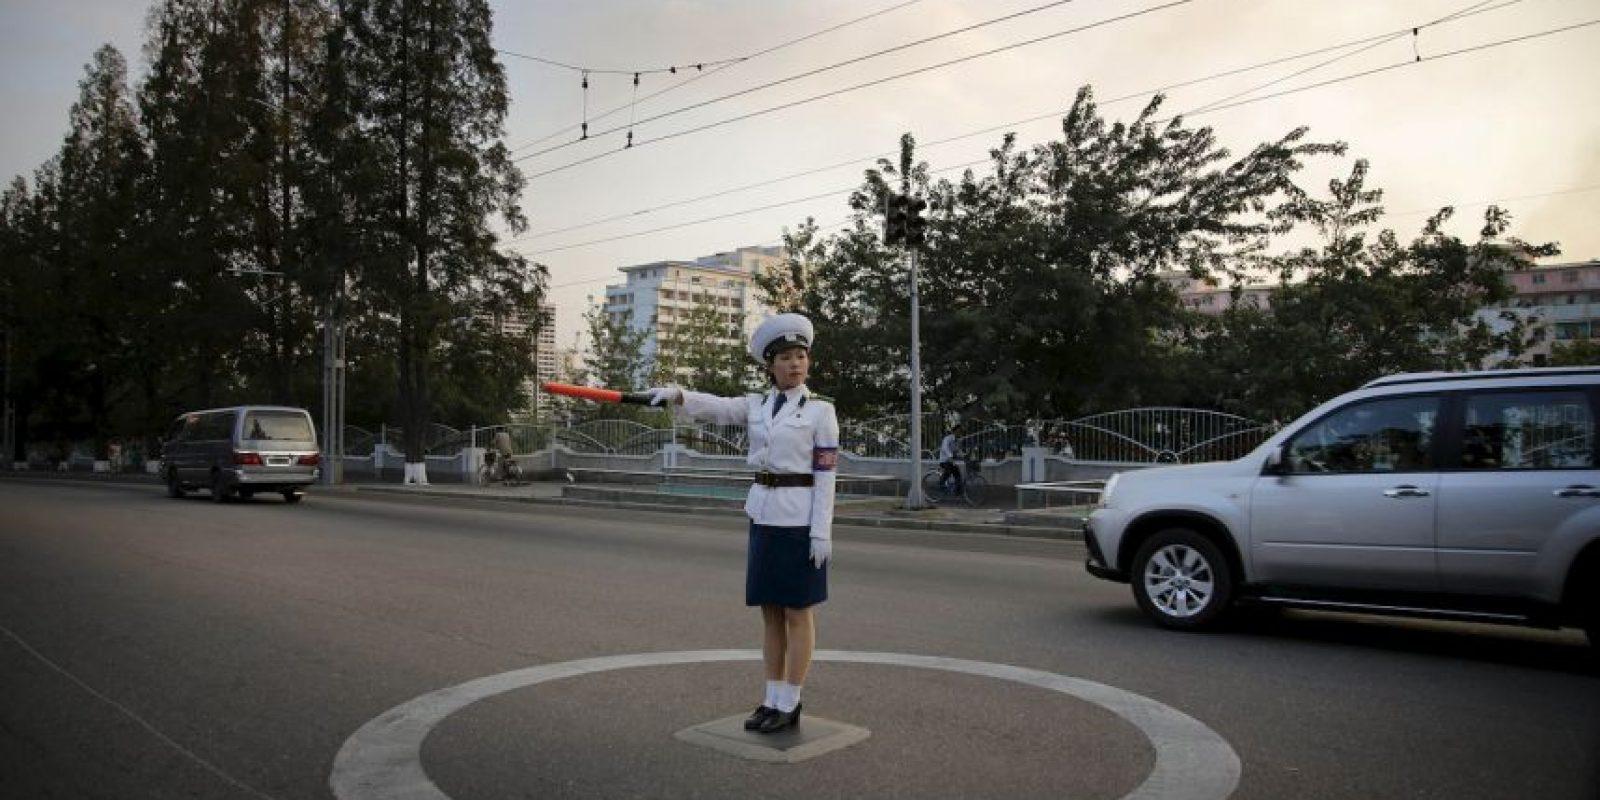 """""""Esperamos que las partes implicadas puedan hacer cosas más beneficiosas para salvaguardar la paz y la estabilidad"""", dijo Hong Lei, vocero del Ministerio de Exteriores. Foto:AP"""